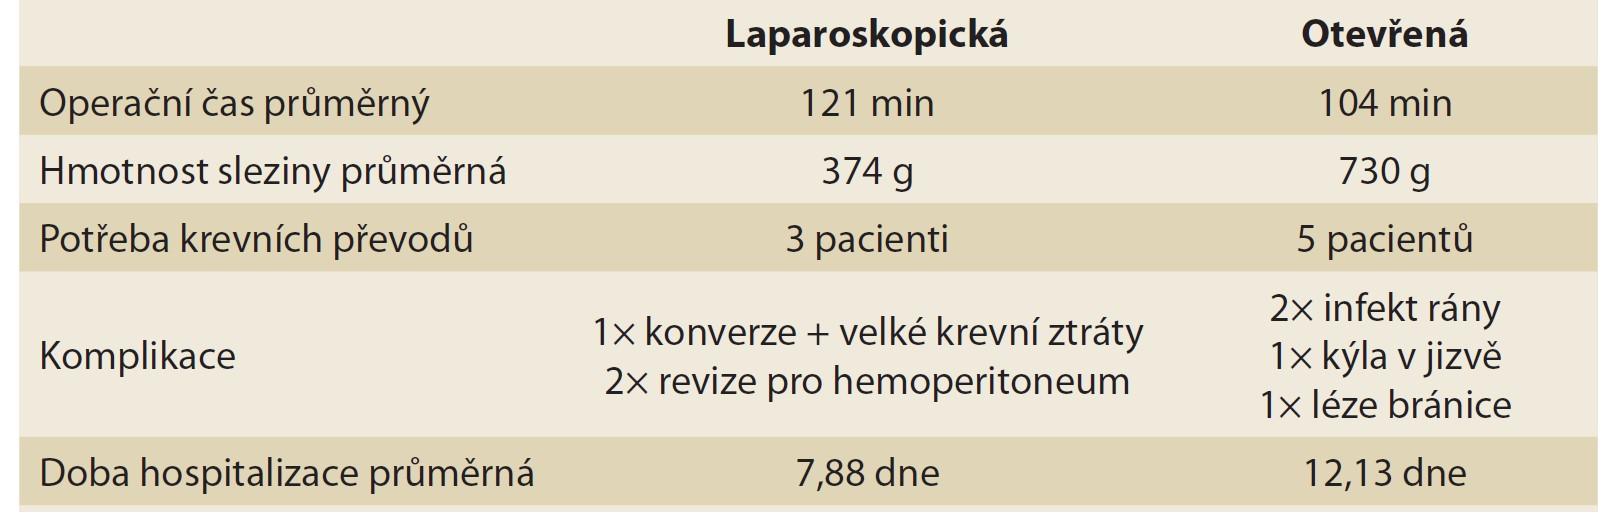 Porovnání laparoskopické a klasické splenektomie.<br> Tab. 2. Comparison of laparoscopic and open splenectomy.